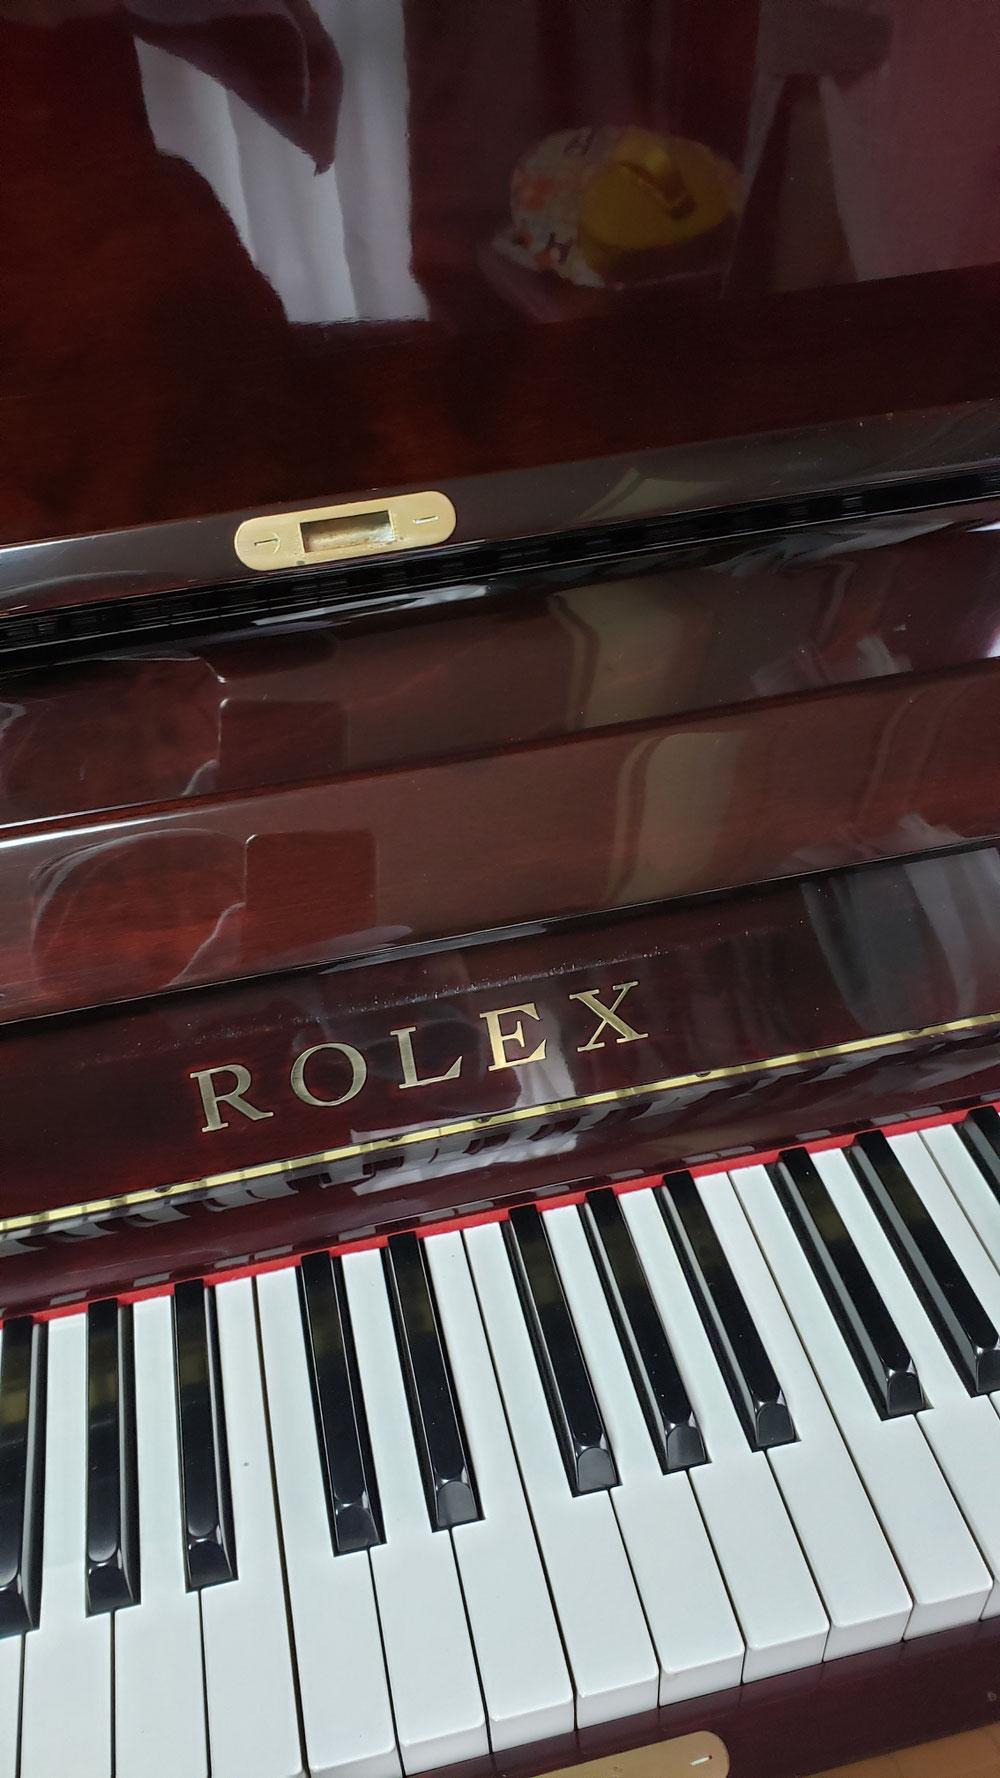 ROLEXピアノ